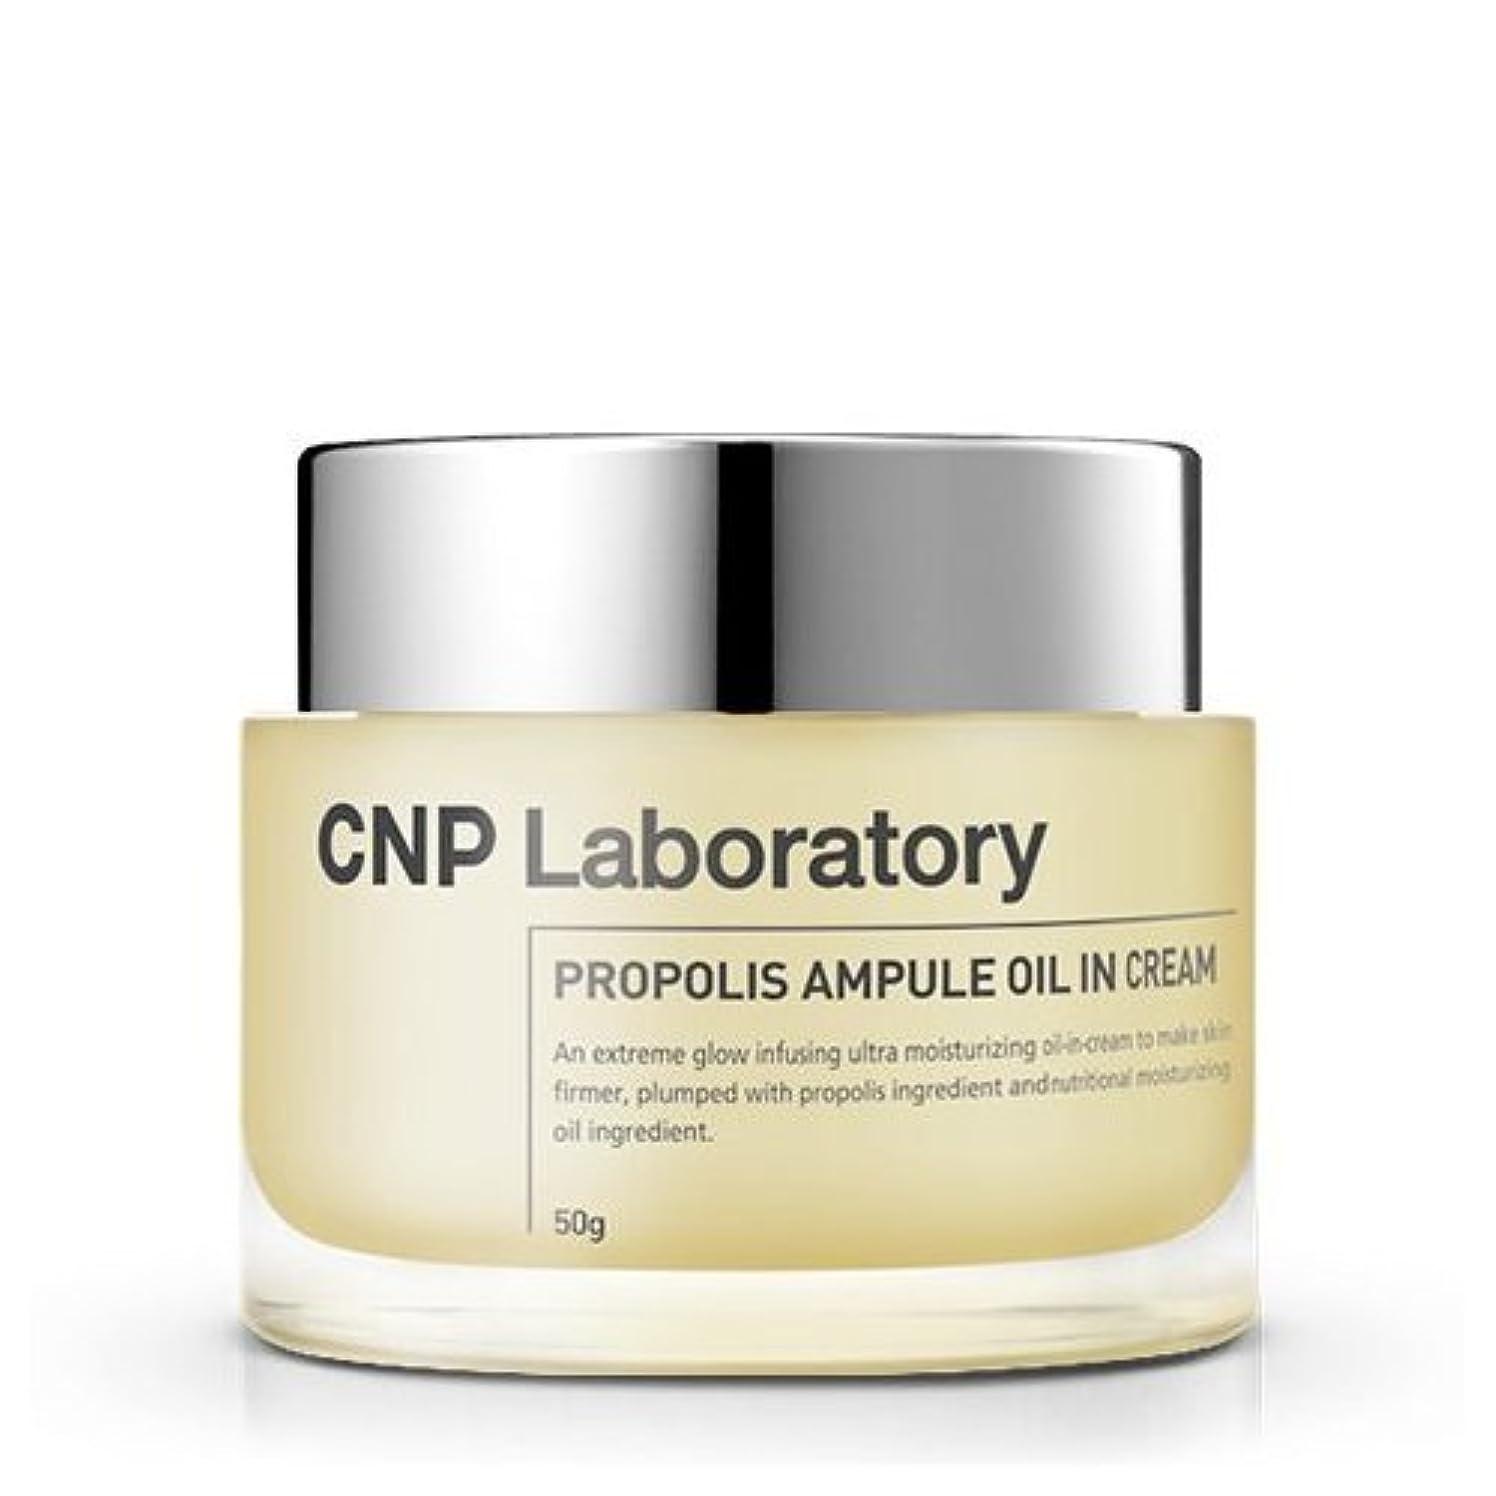 キャプテンブライしっとりおっとCNP Laboratory プロポリスアンプルオイルインクリーム50ミリリットル